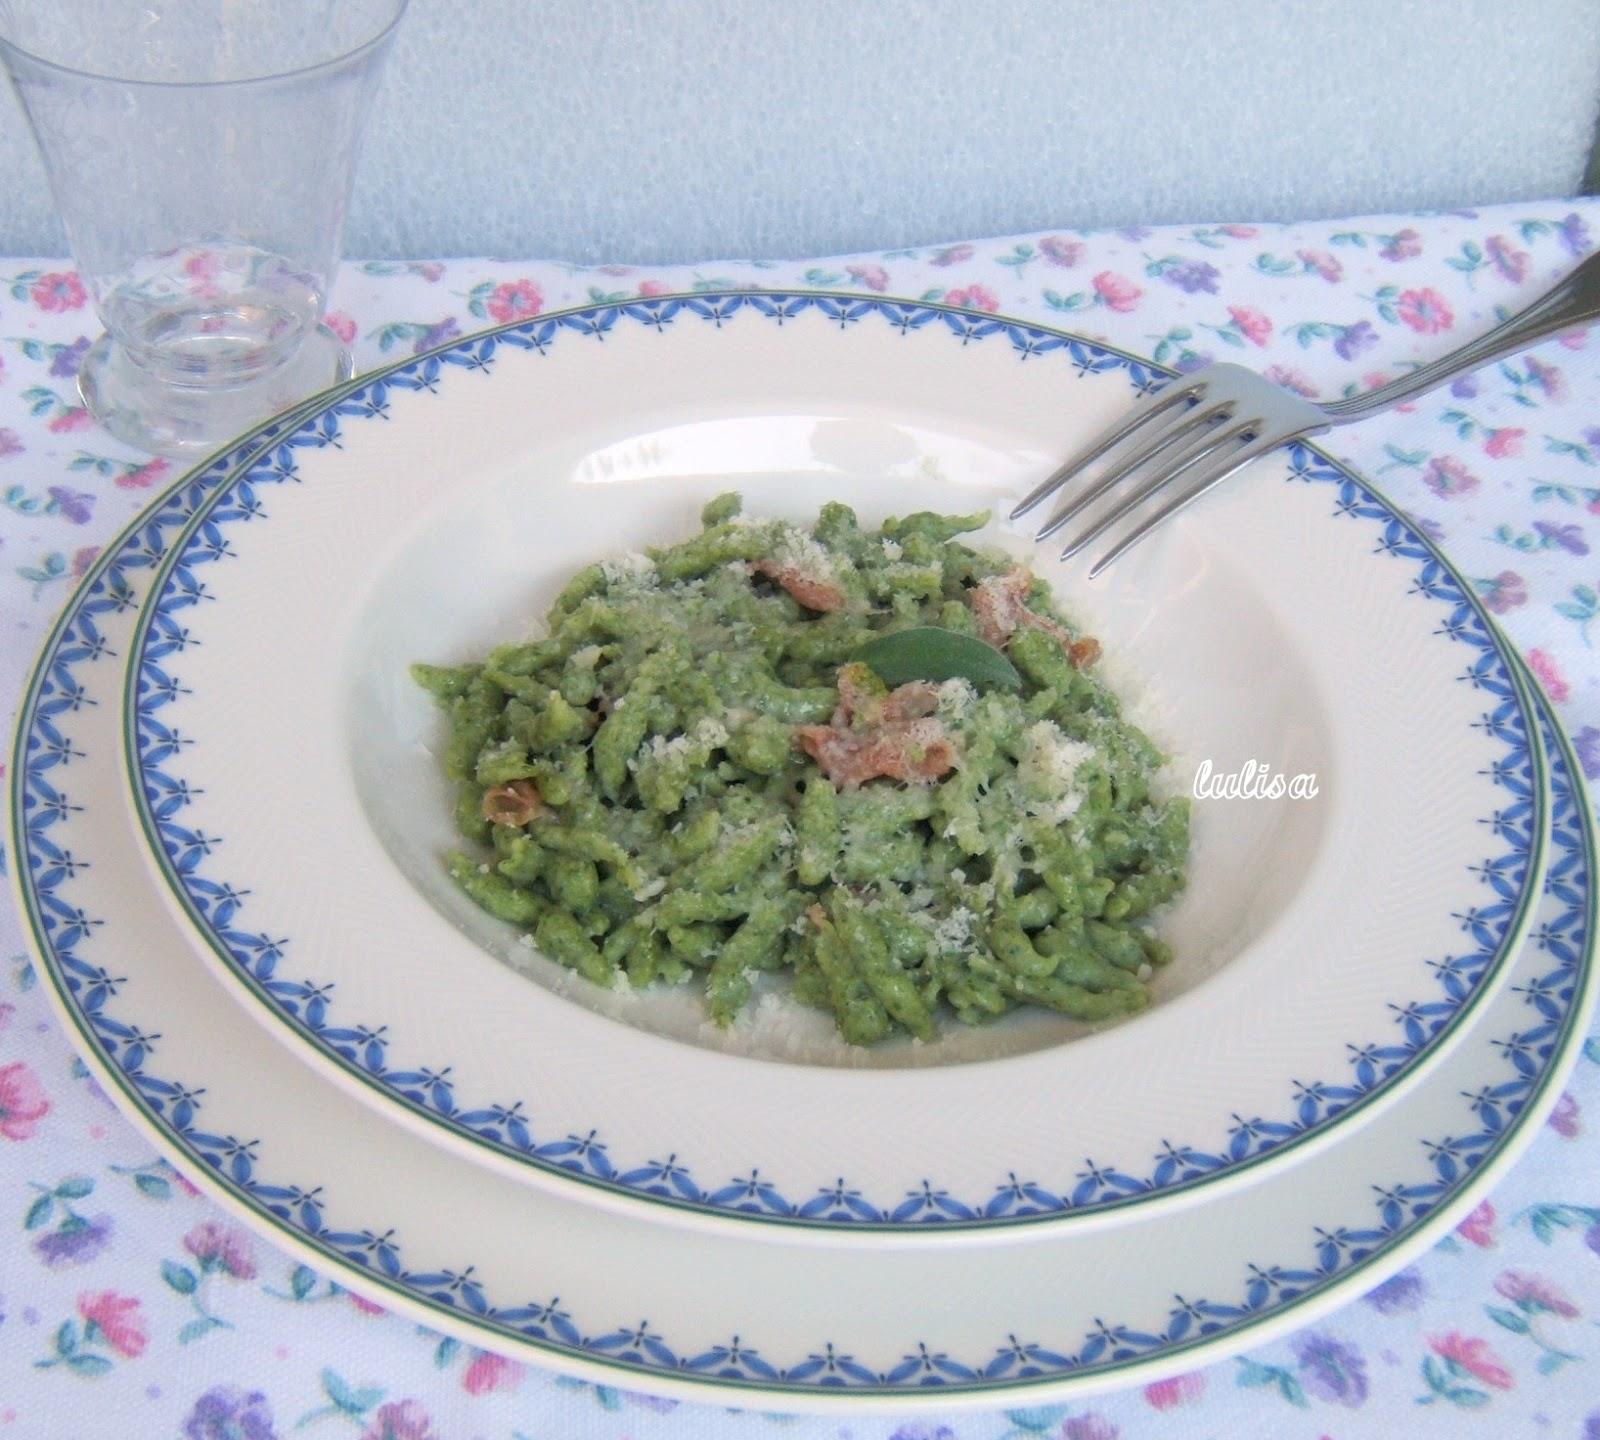 Lulisa giugno 2012 - Come cucinare gli spatzli ...